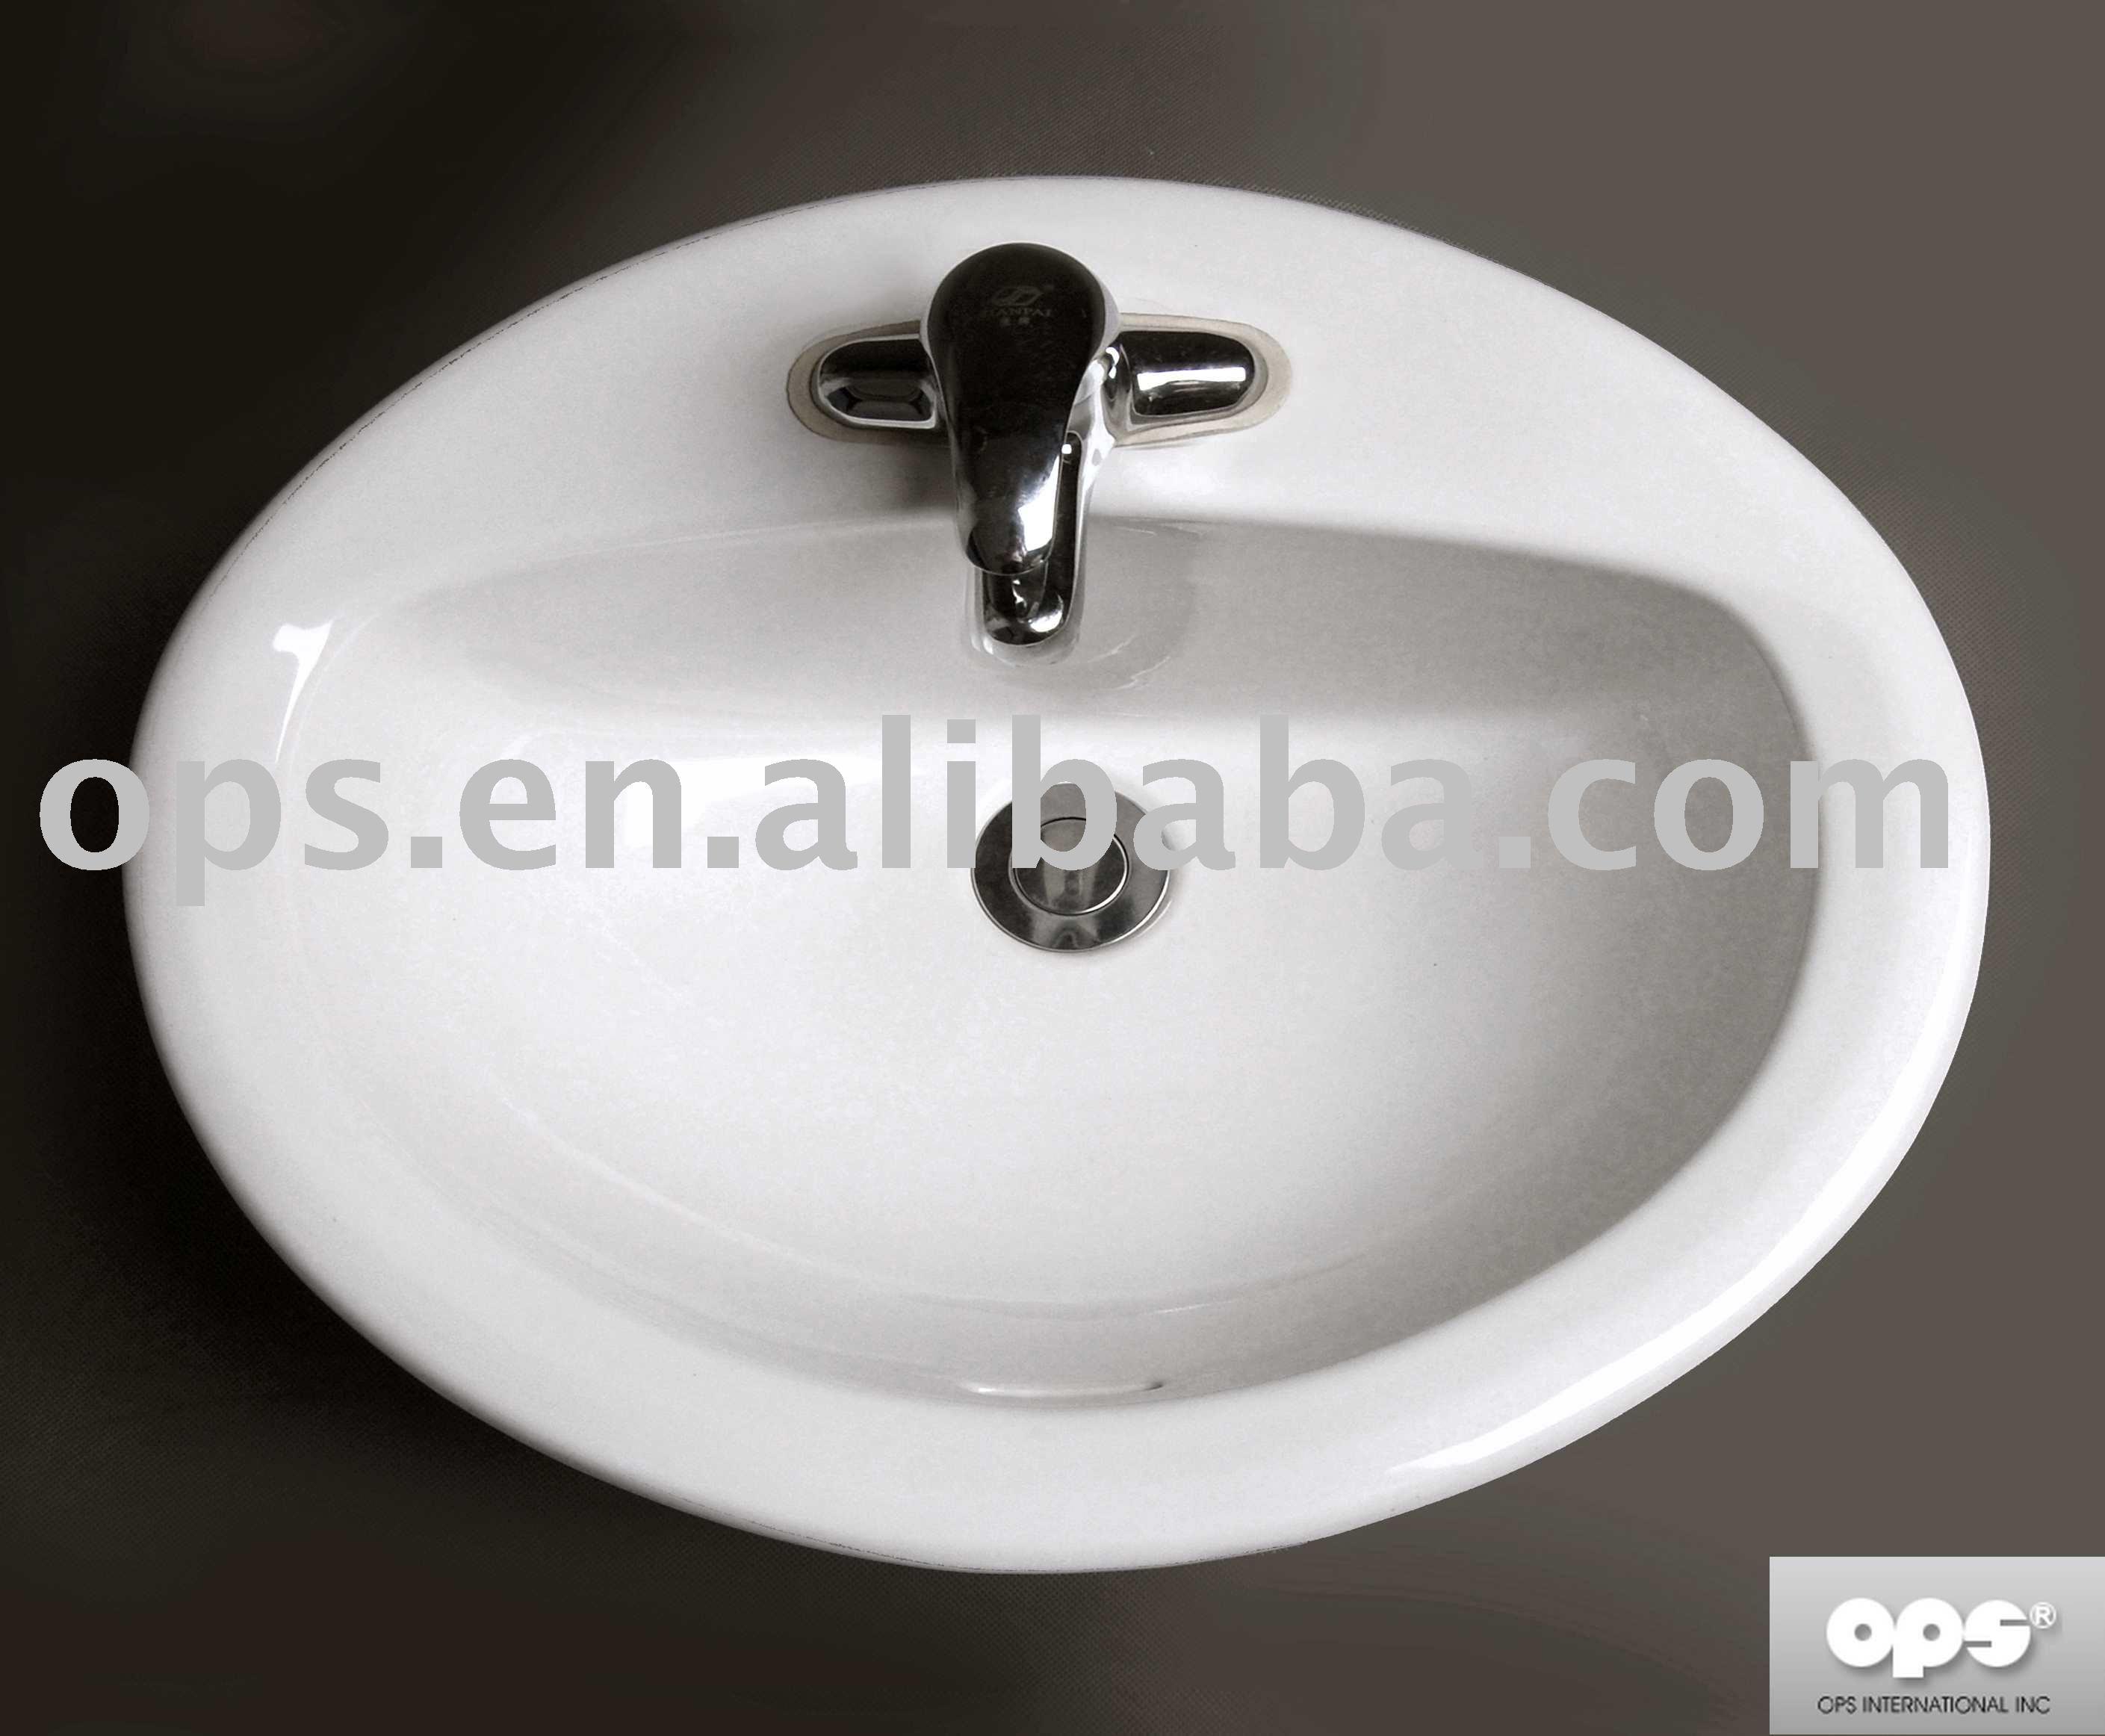 Sanitary Ware Oval Drop in Lavatory Sink Buy Sink Bathroom